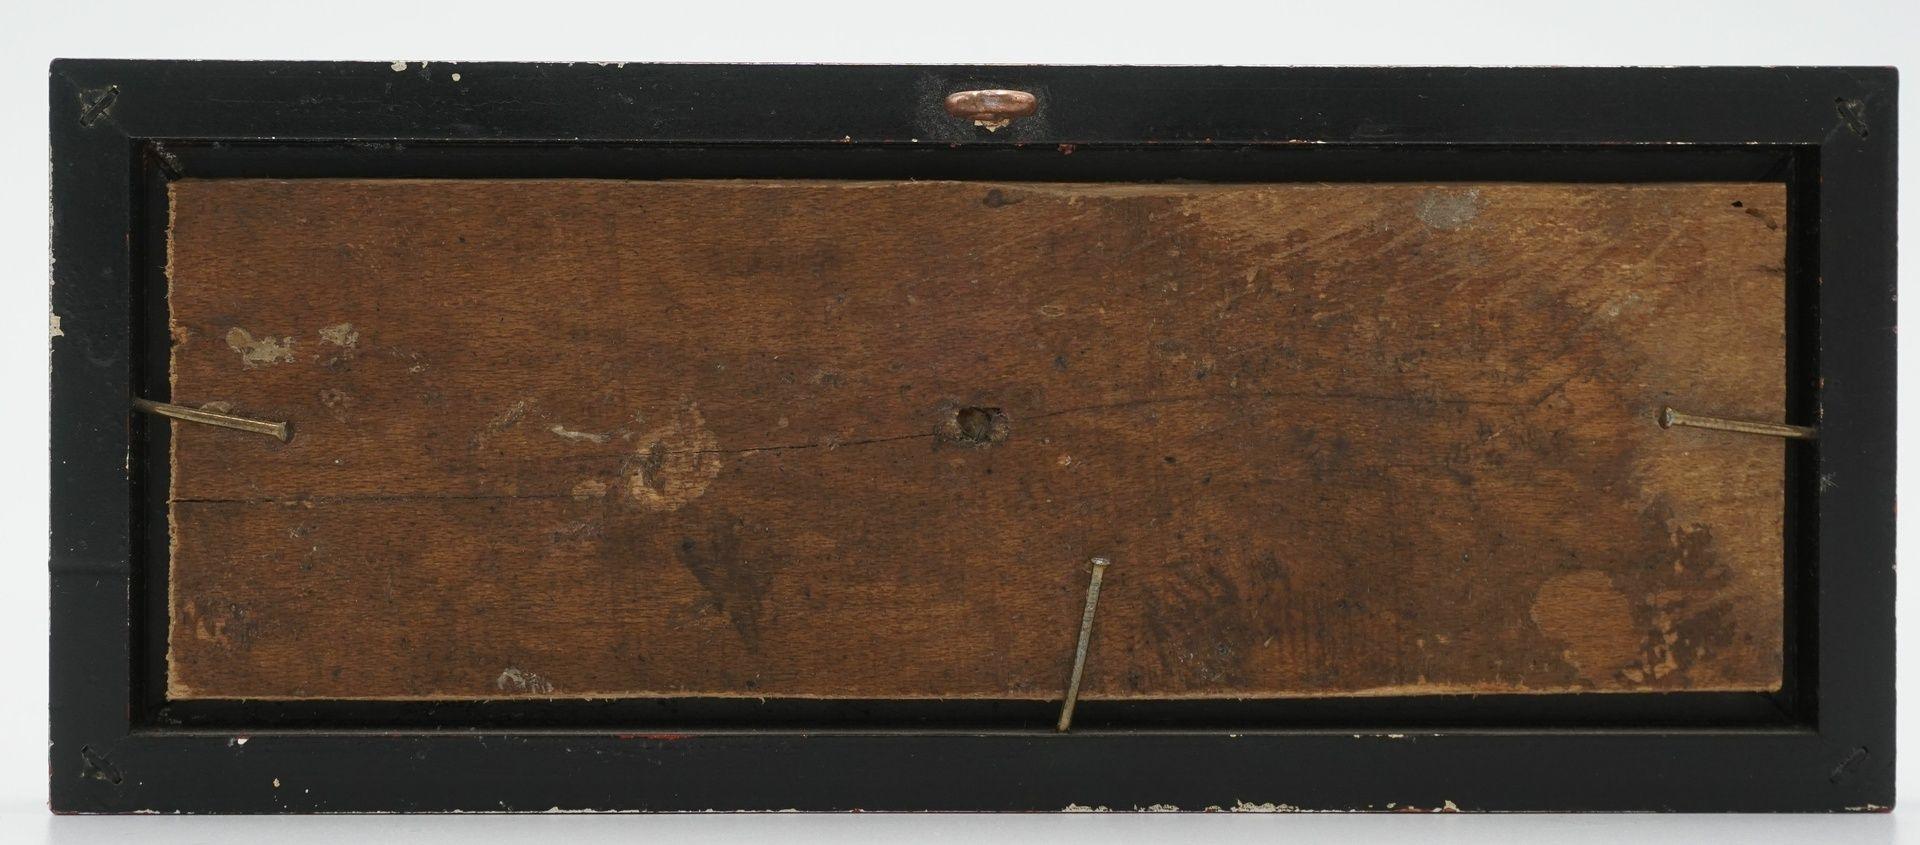 Fein verzierte Blende eines Kabinettschranks - Bild 2 aus 2